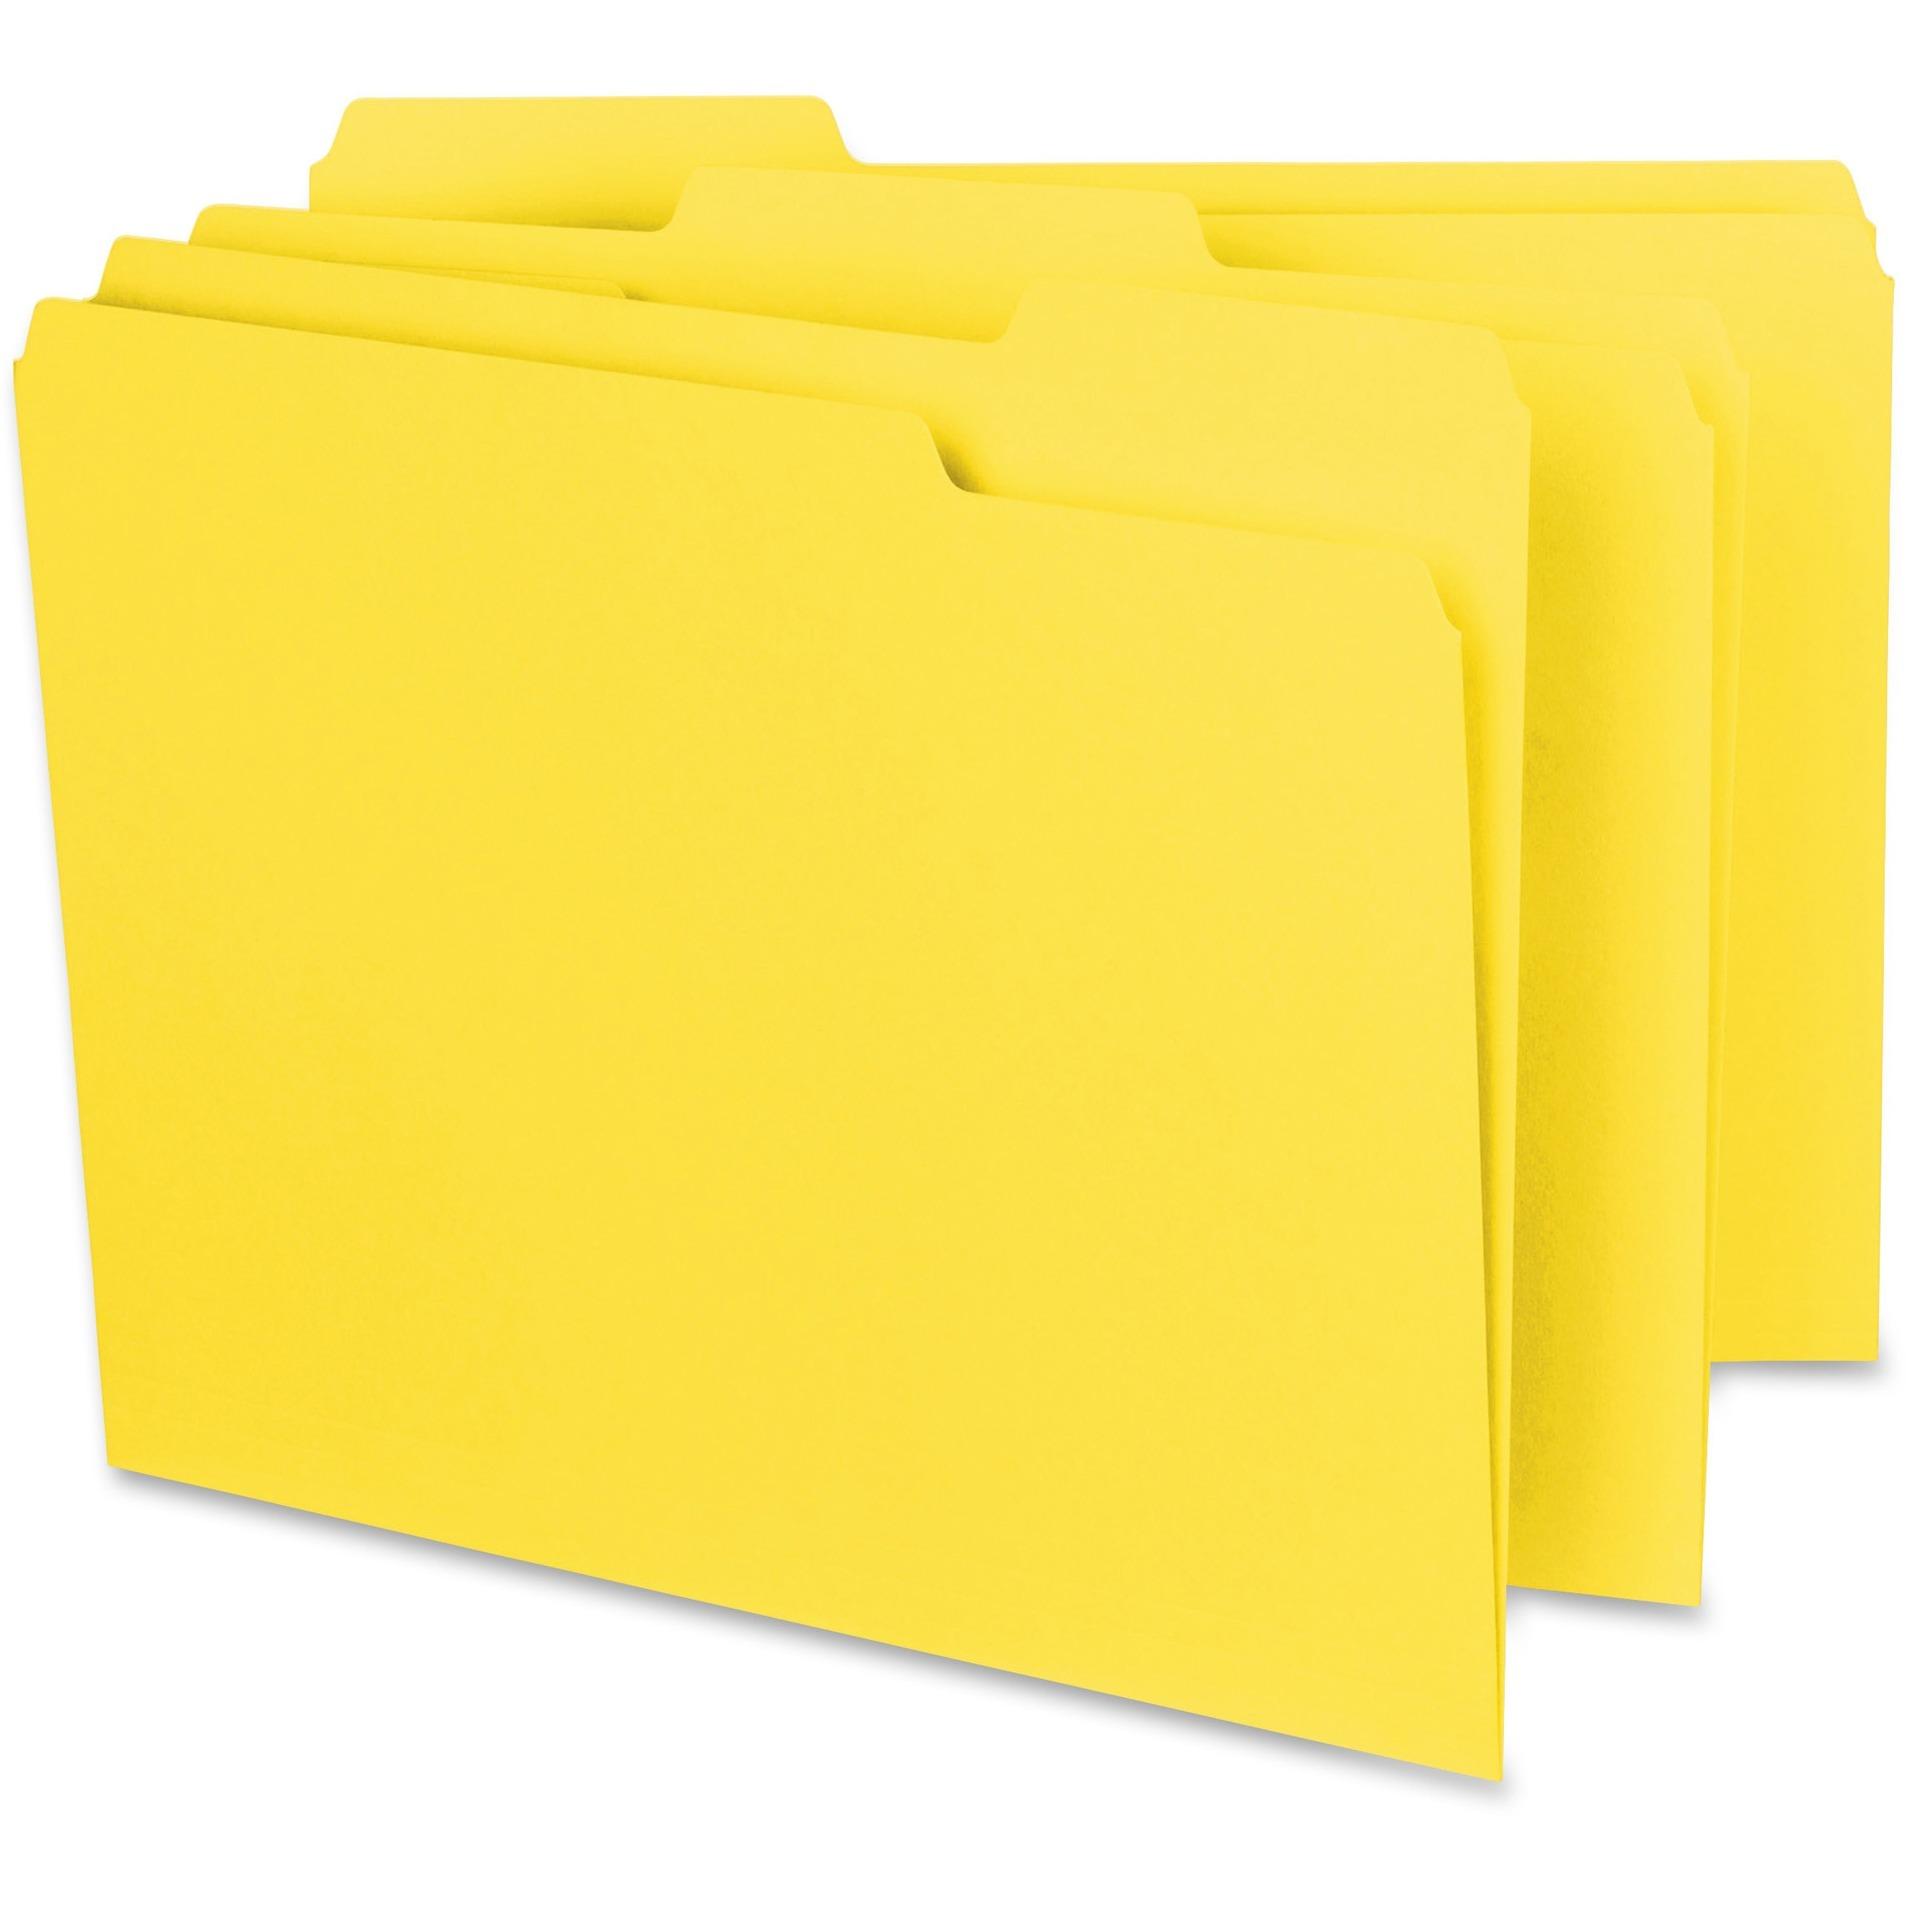 Smead Interior File Folder, 1/3-Cut Tab, Letter Size, Yellow, 100 per Box (10271)